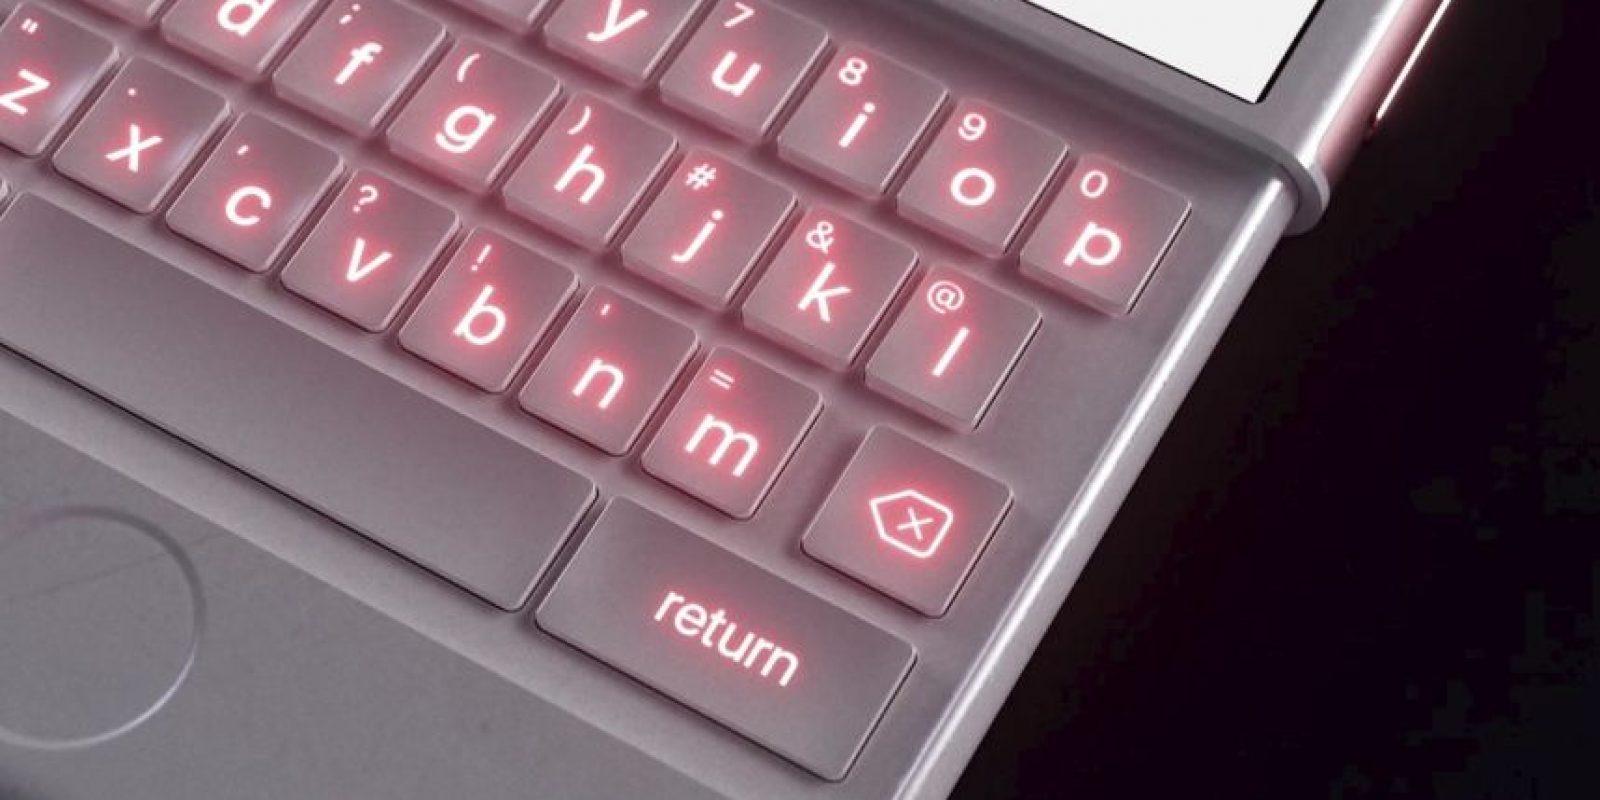 Este sería el teclado del iPhone oro rosado. Foto: vía Curved / YouTube